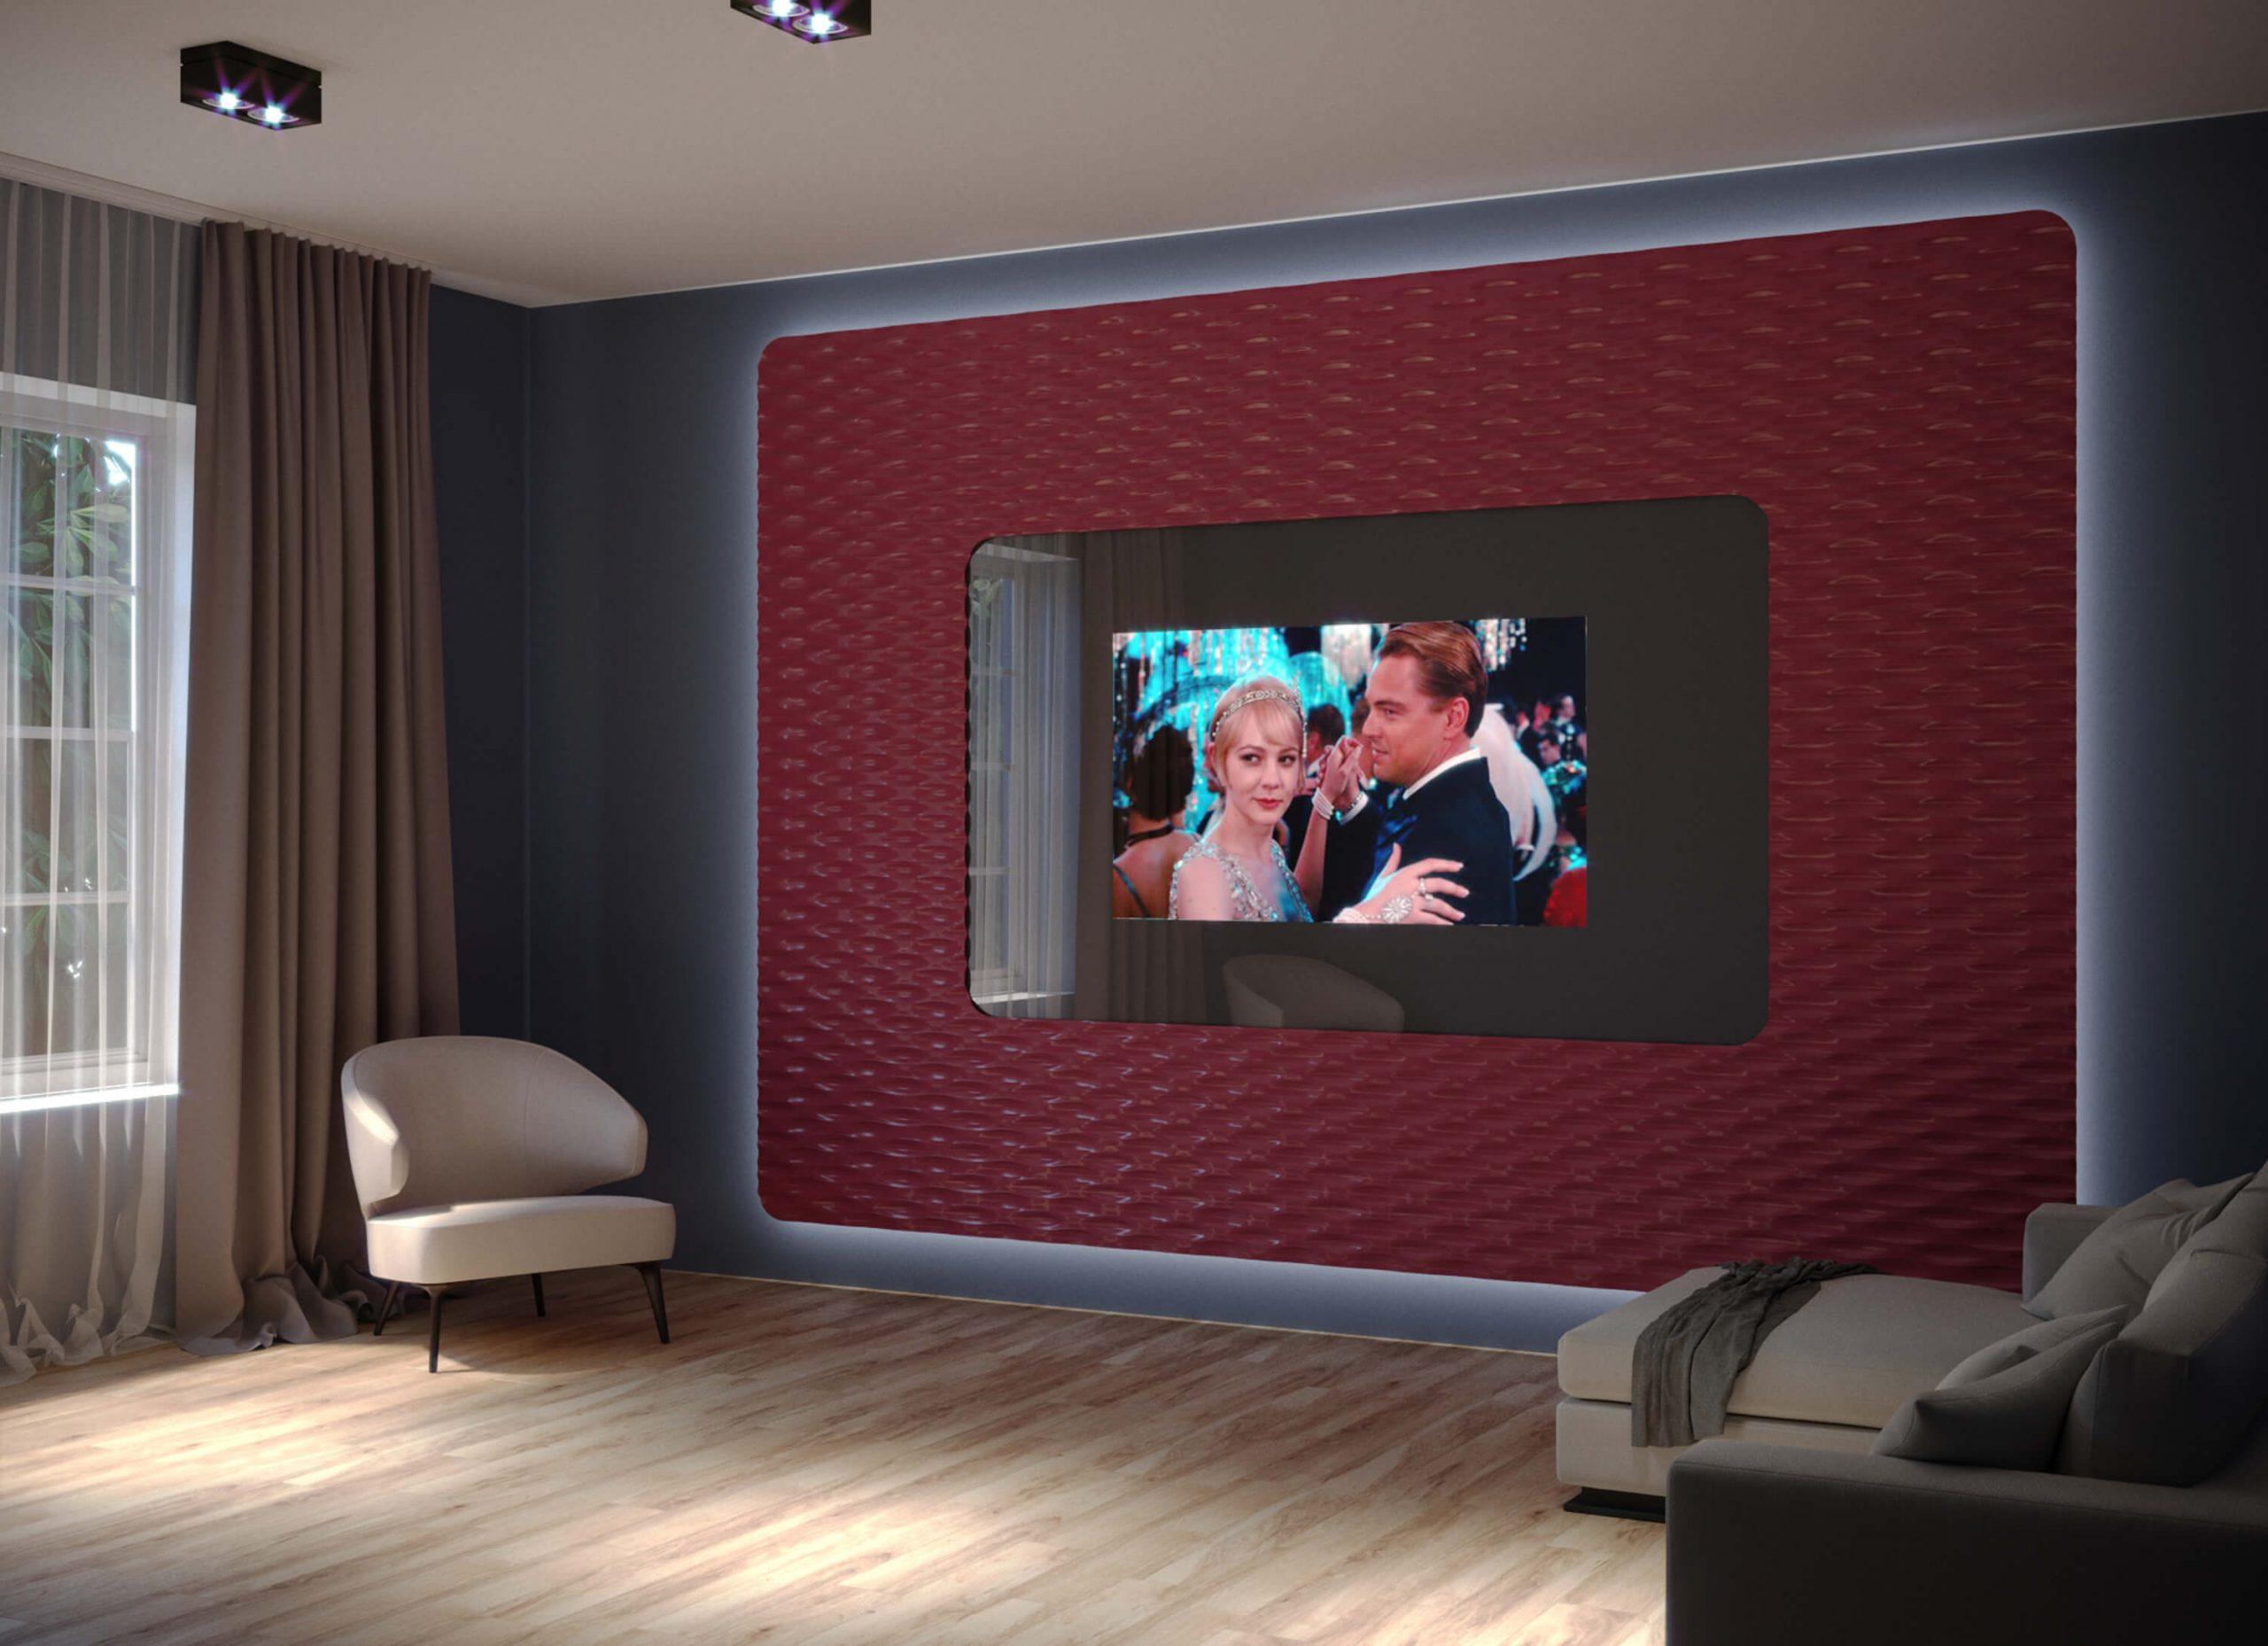 Дизайнерский встроенный телевизор Tele-Art с панелями Leto 1